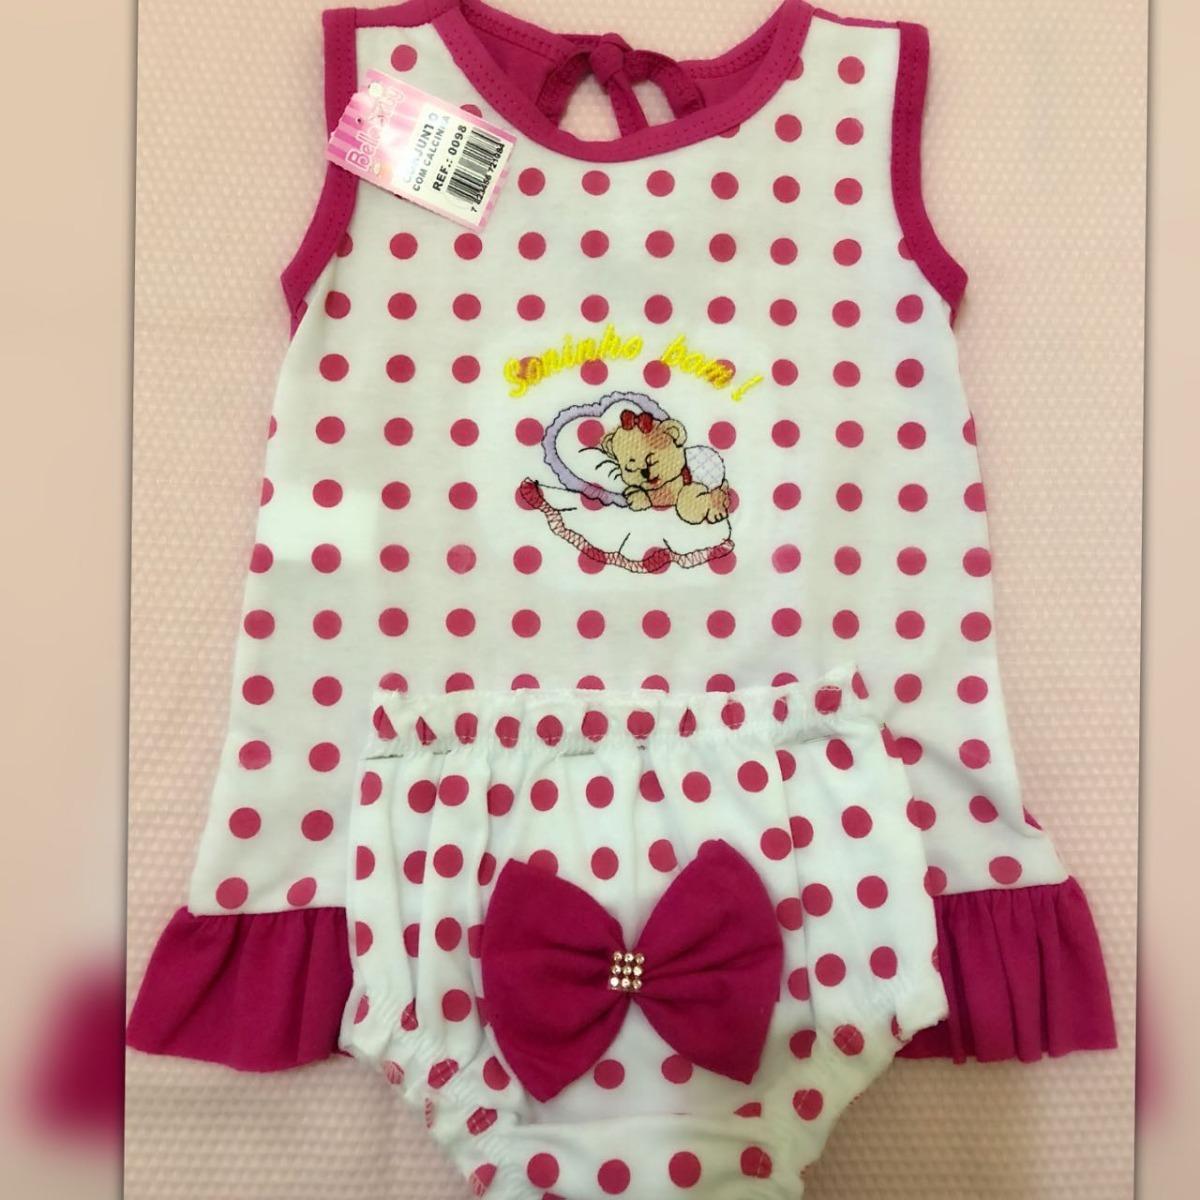 roupas de bebe online frete gratis lot c 20pçs. Carregando zoom. 30a4c6614e2